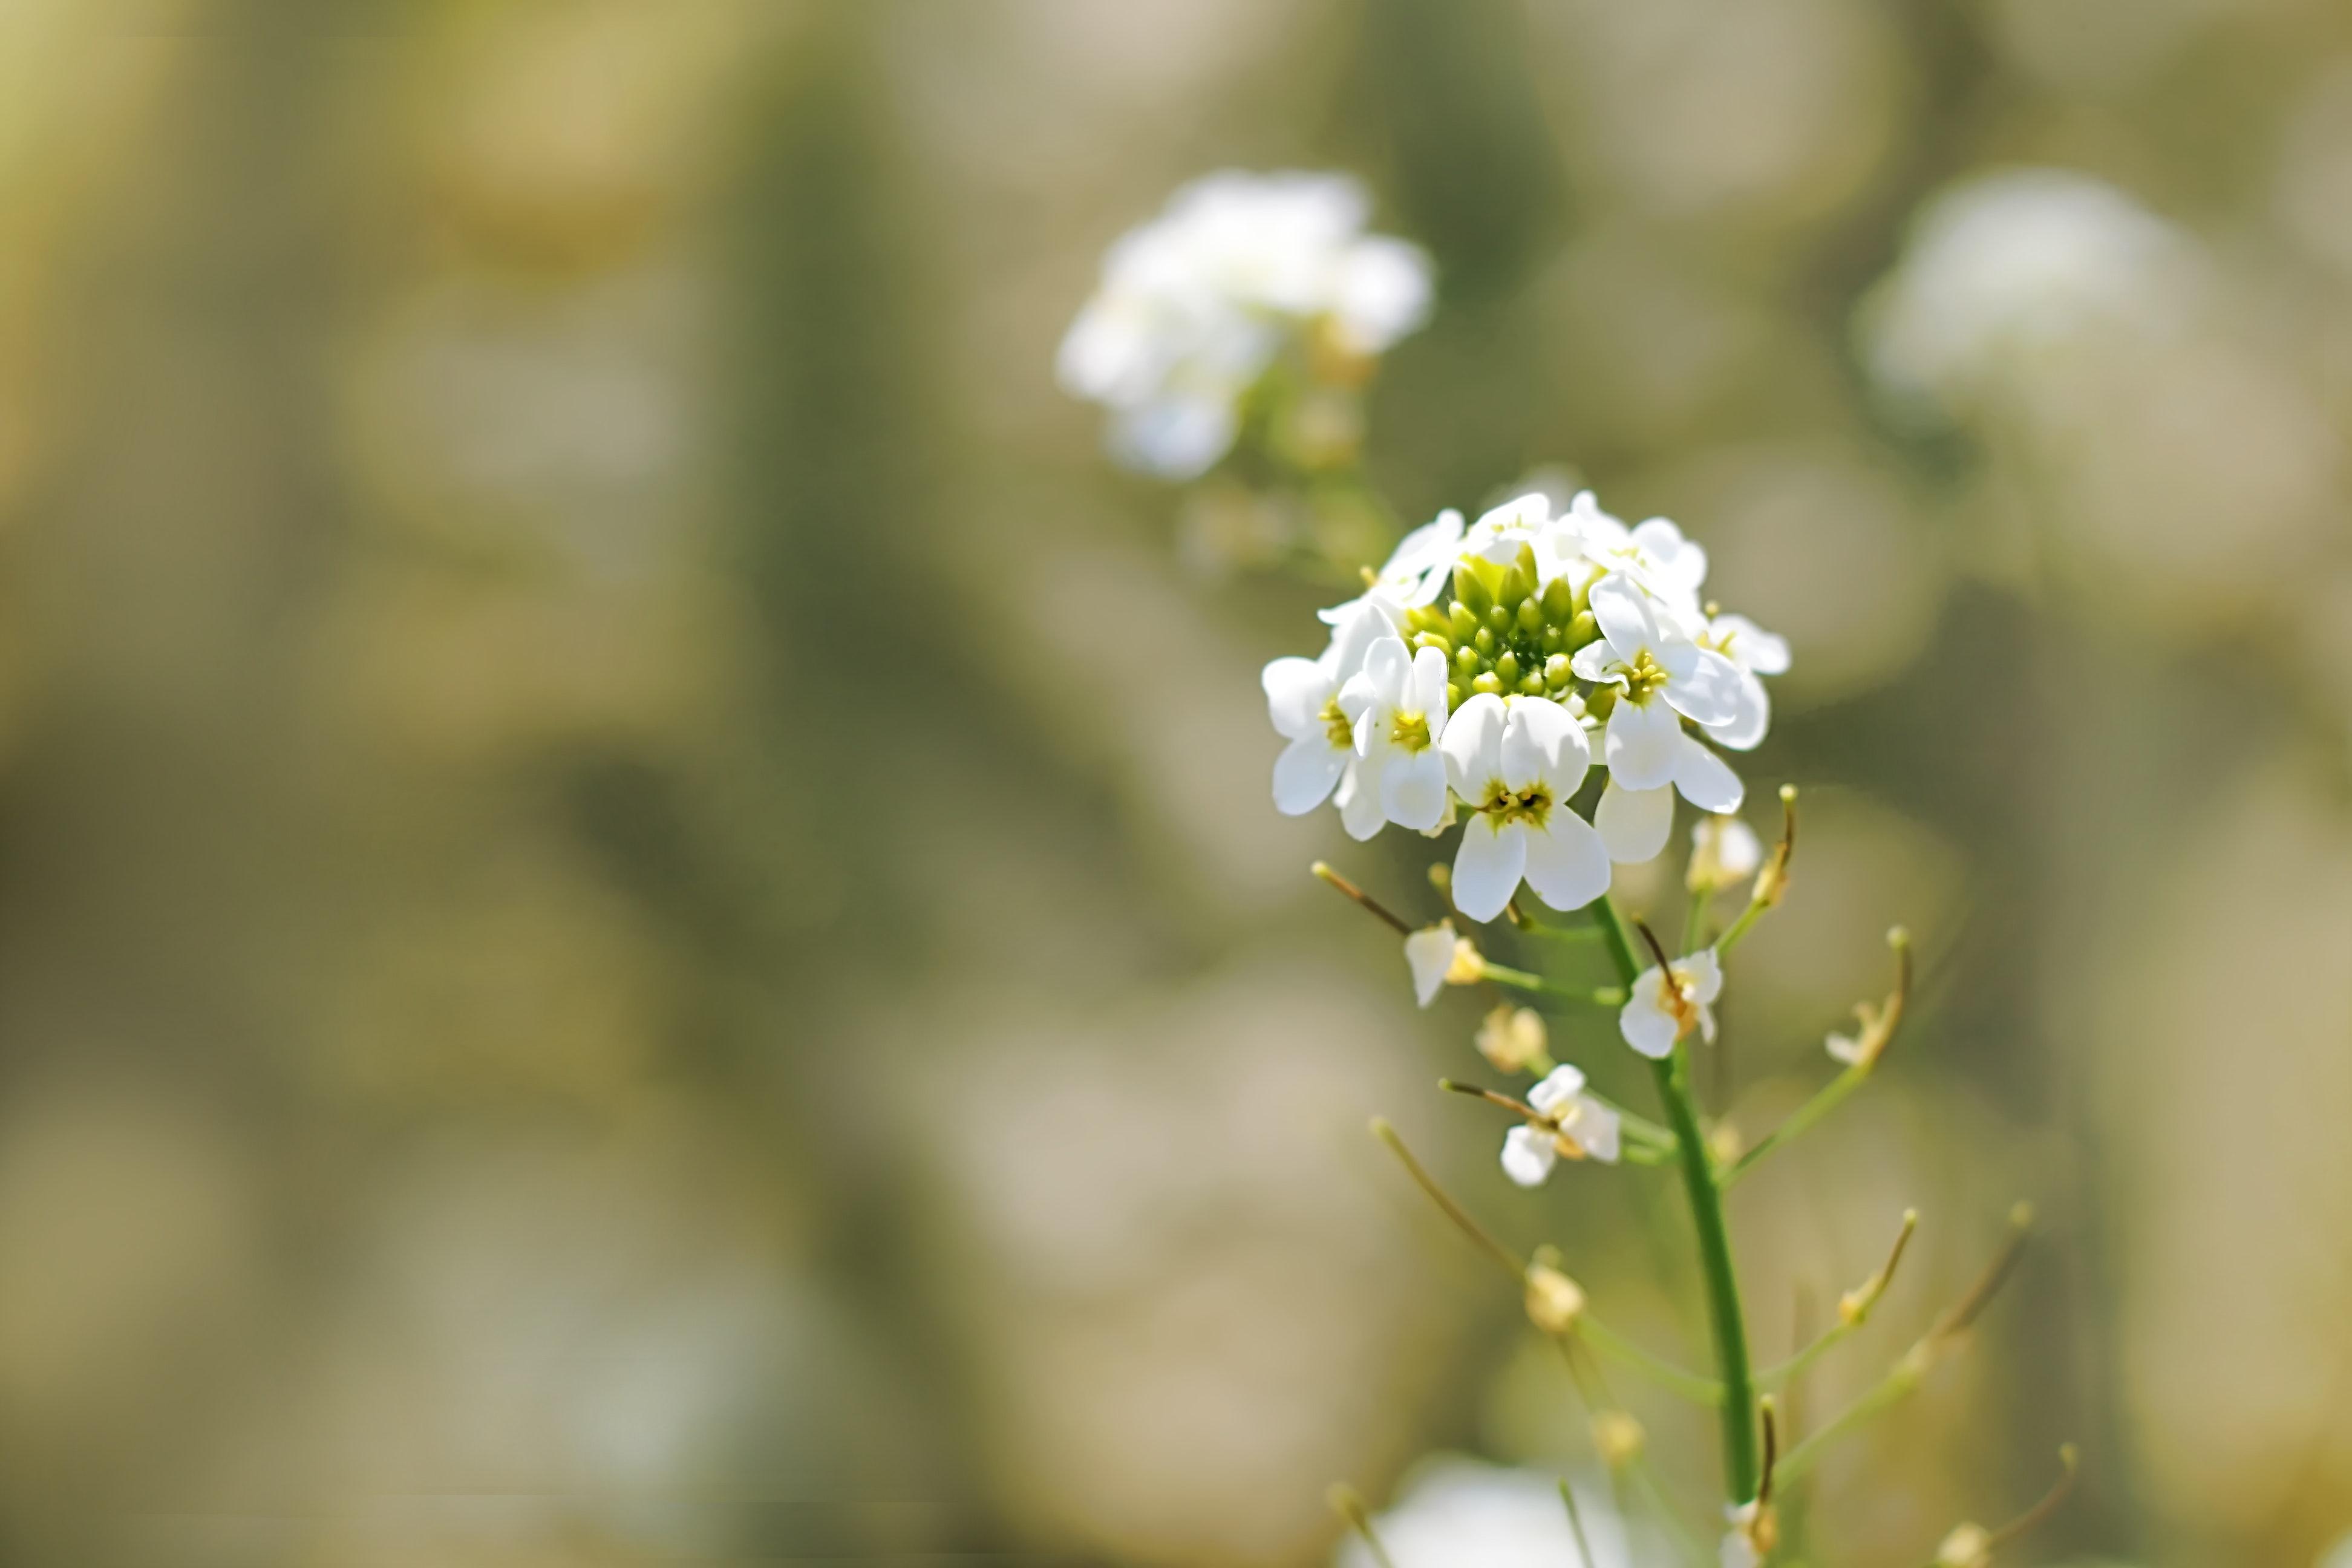 1000 Beautiful White Flowers Photos Pexels Free Stock Photos